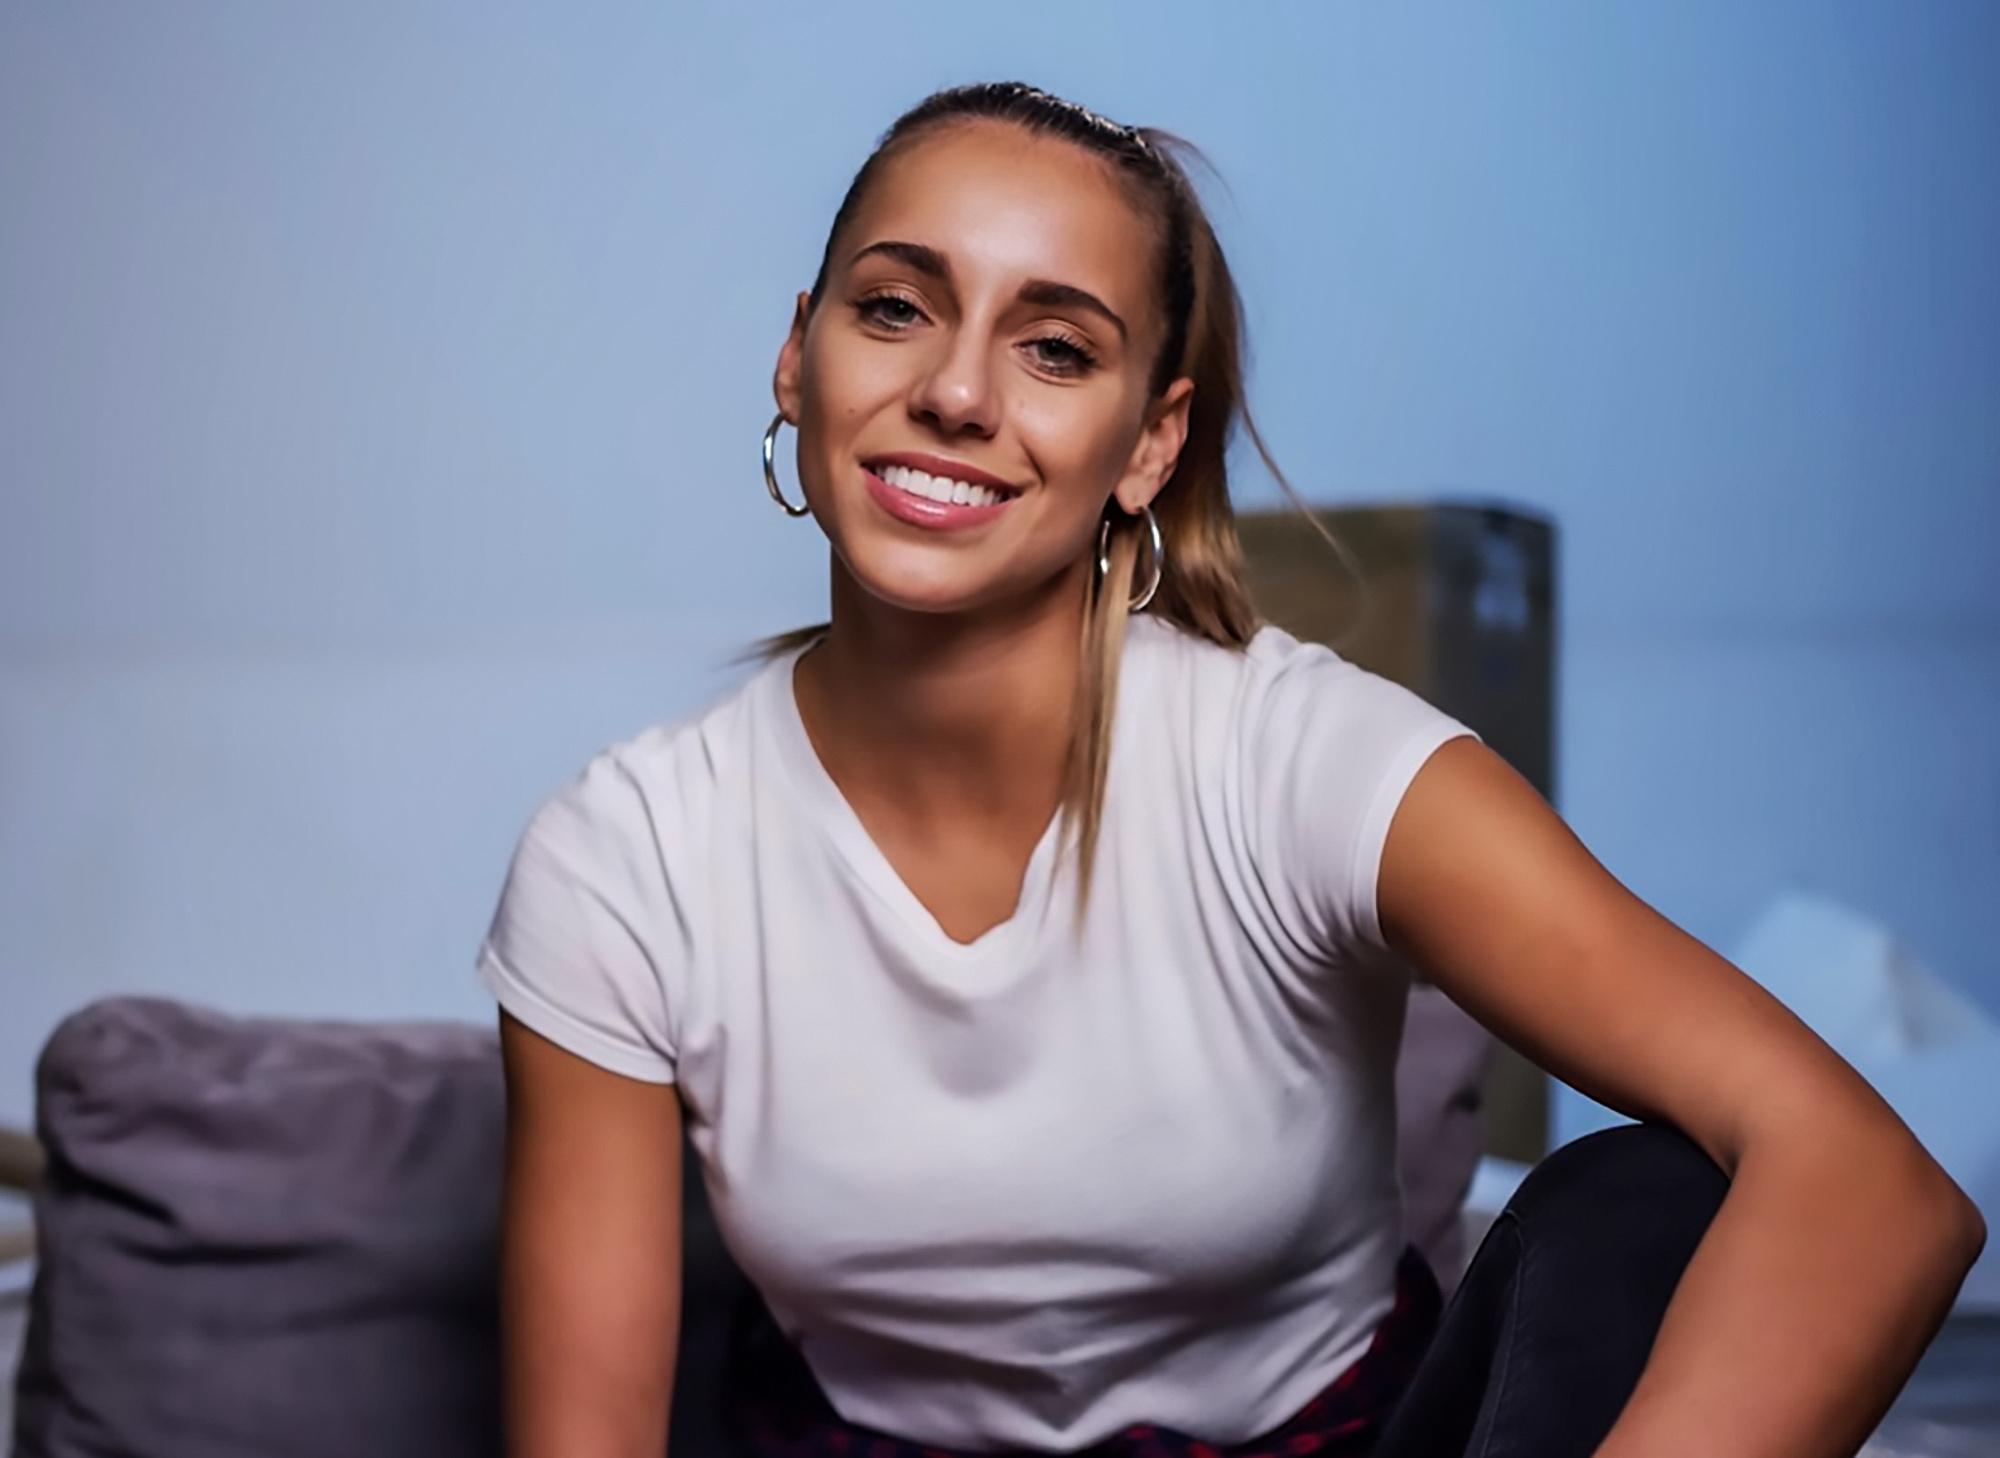 Mirjana Mira Zuber